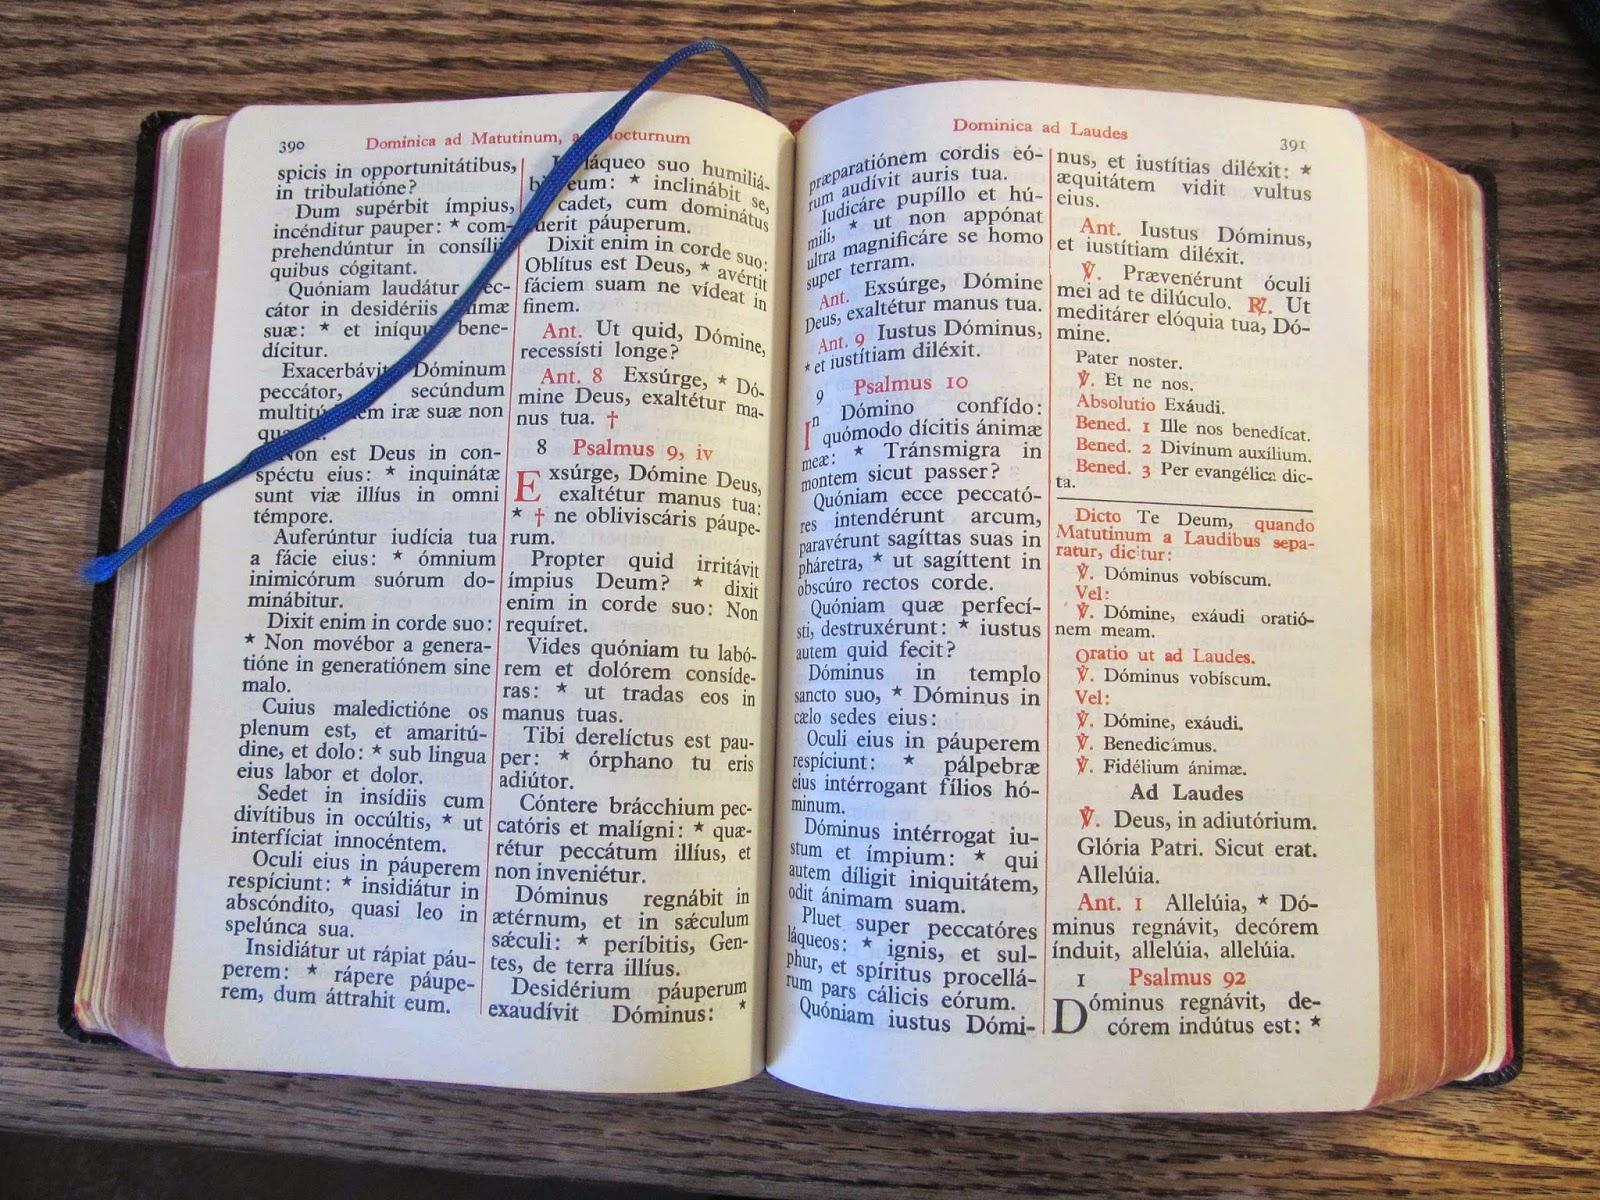 breviarium romanum online